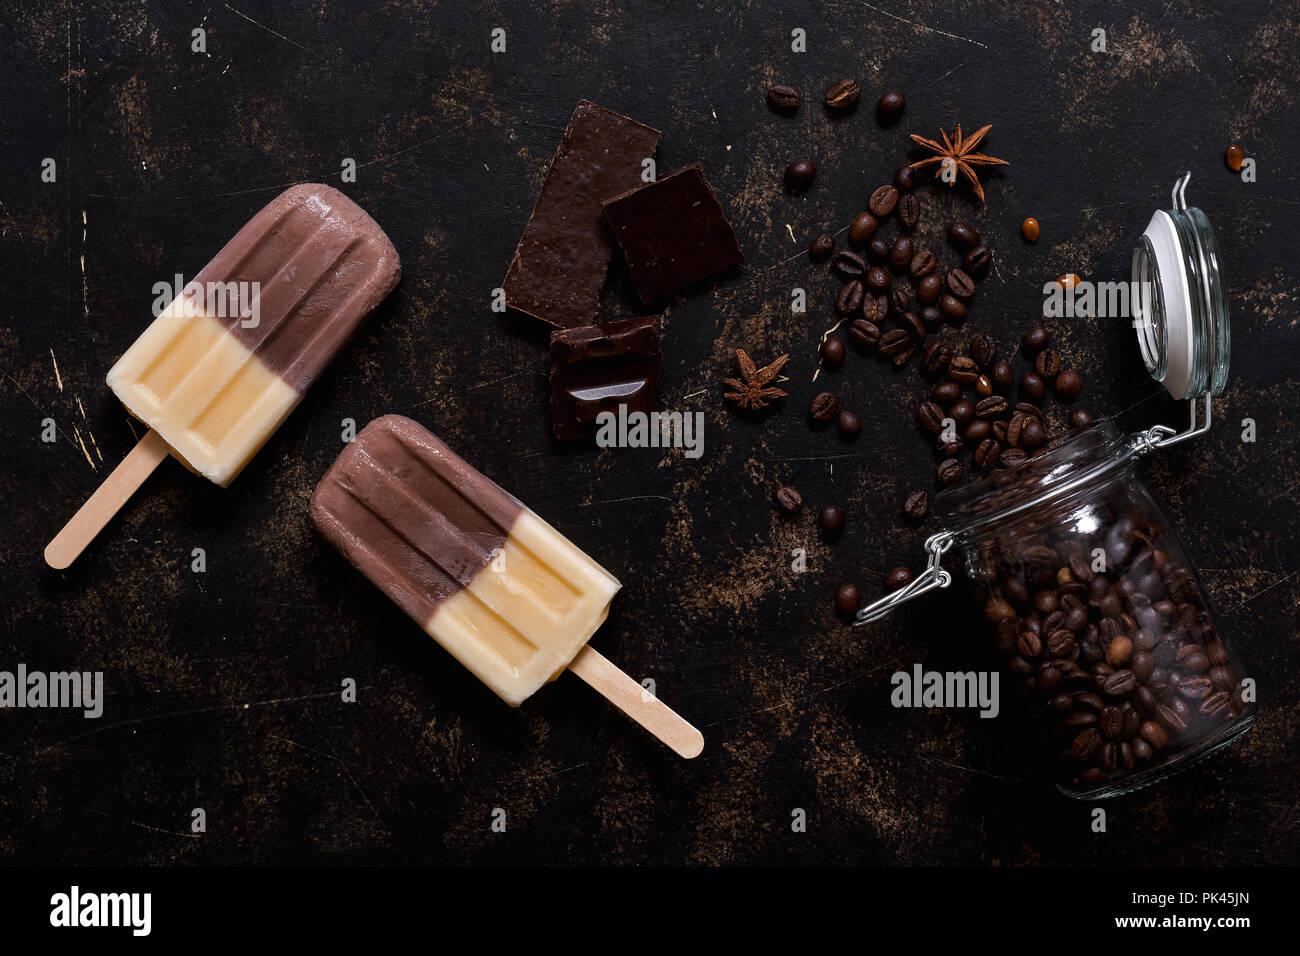 Doppio gelati su un bastone marrone-beige. Gelato caffè su uno sfondo scuro, vista dall'alto. Immagini Stock